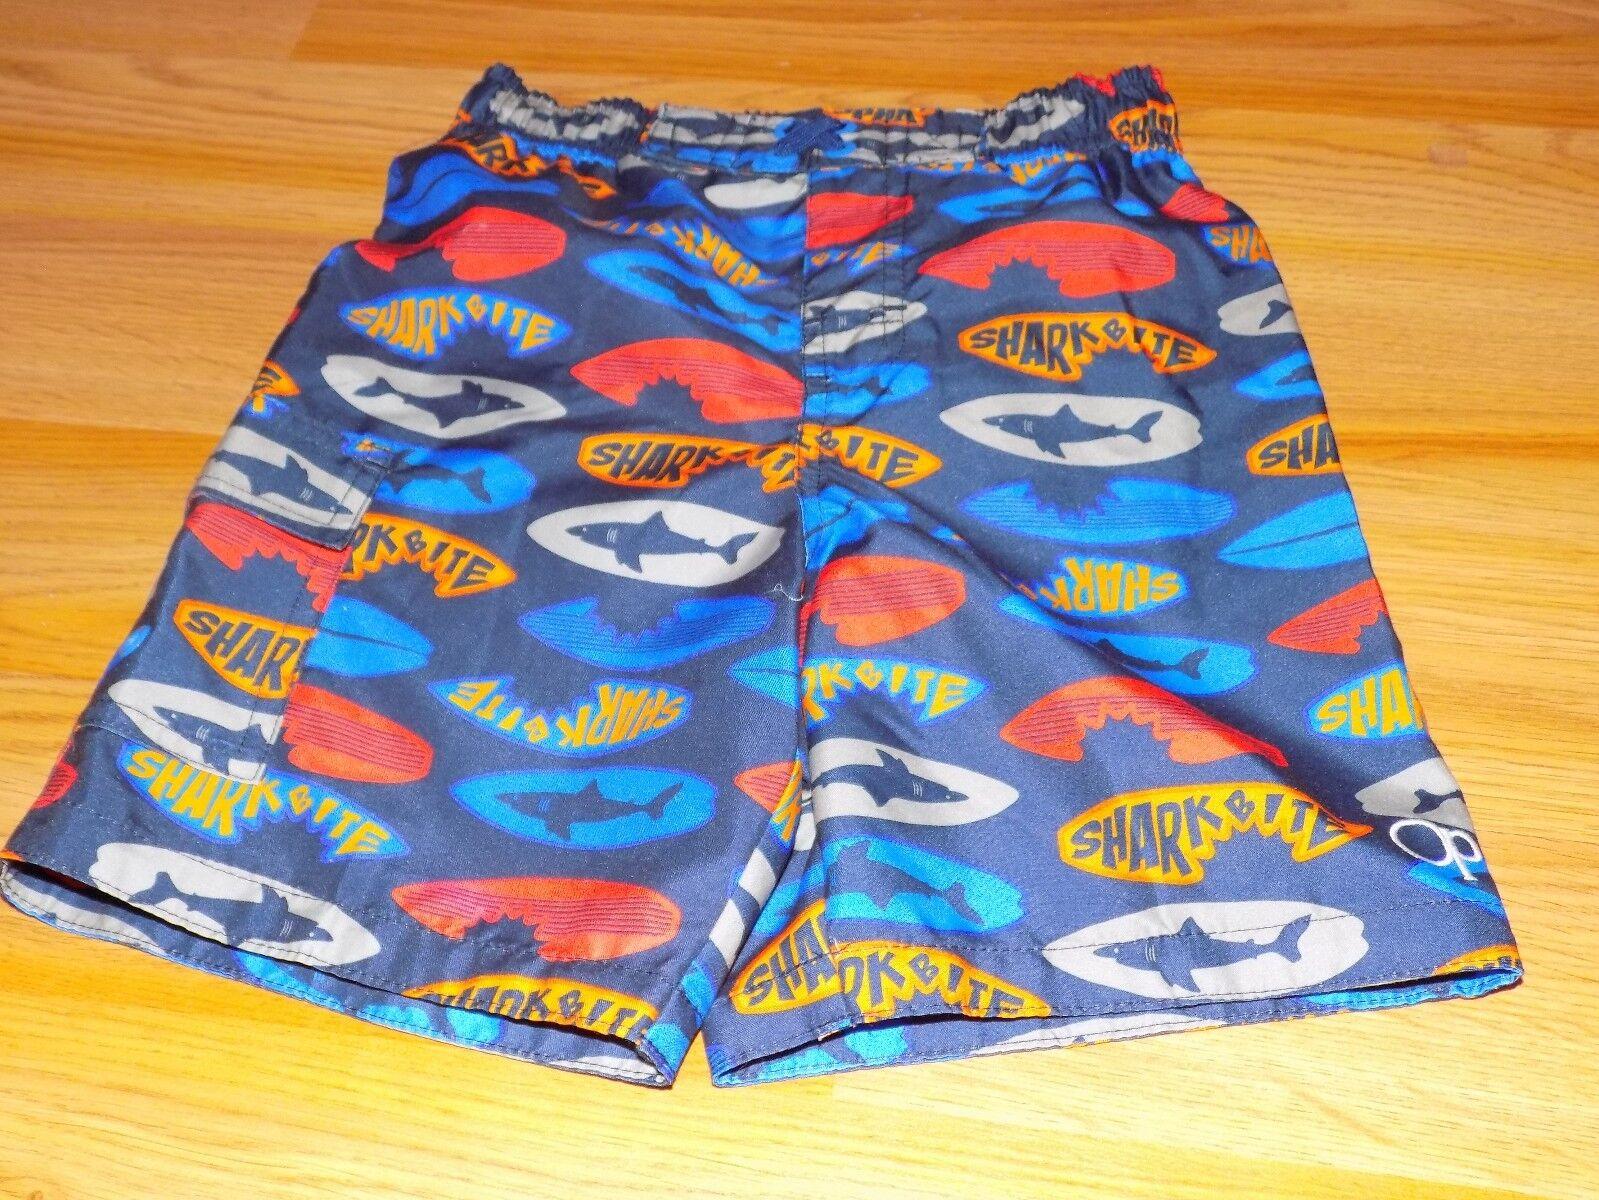 size 5t op swim trunks board shorts